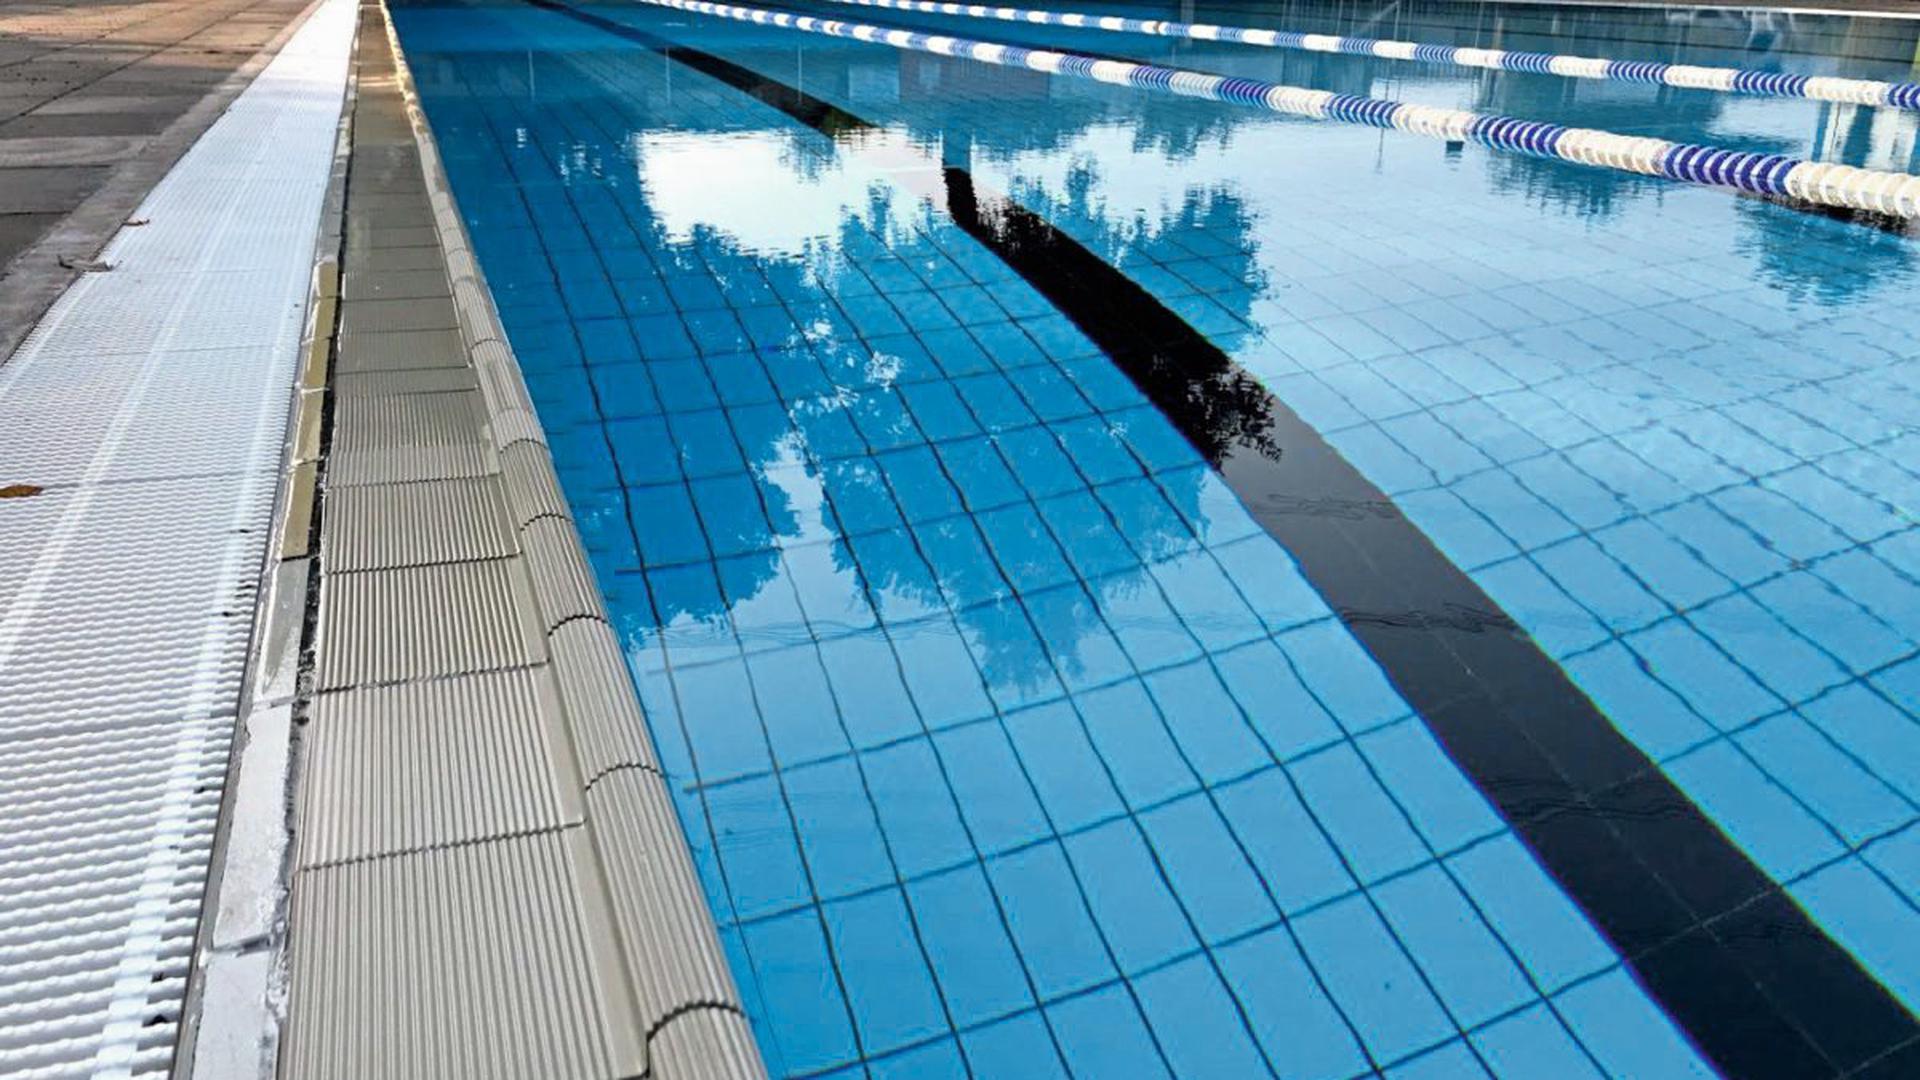 Sonnenbad Karlsruhe: Schattenspiel im Schwimmerbecken.